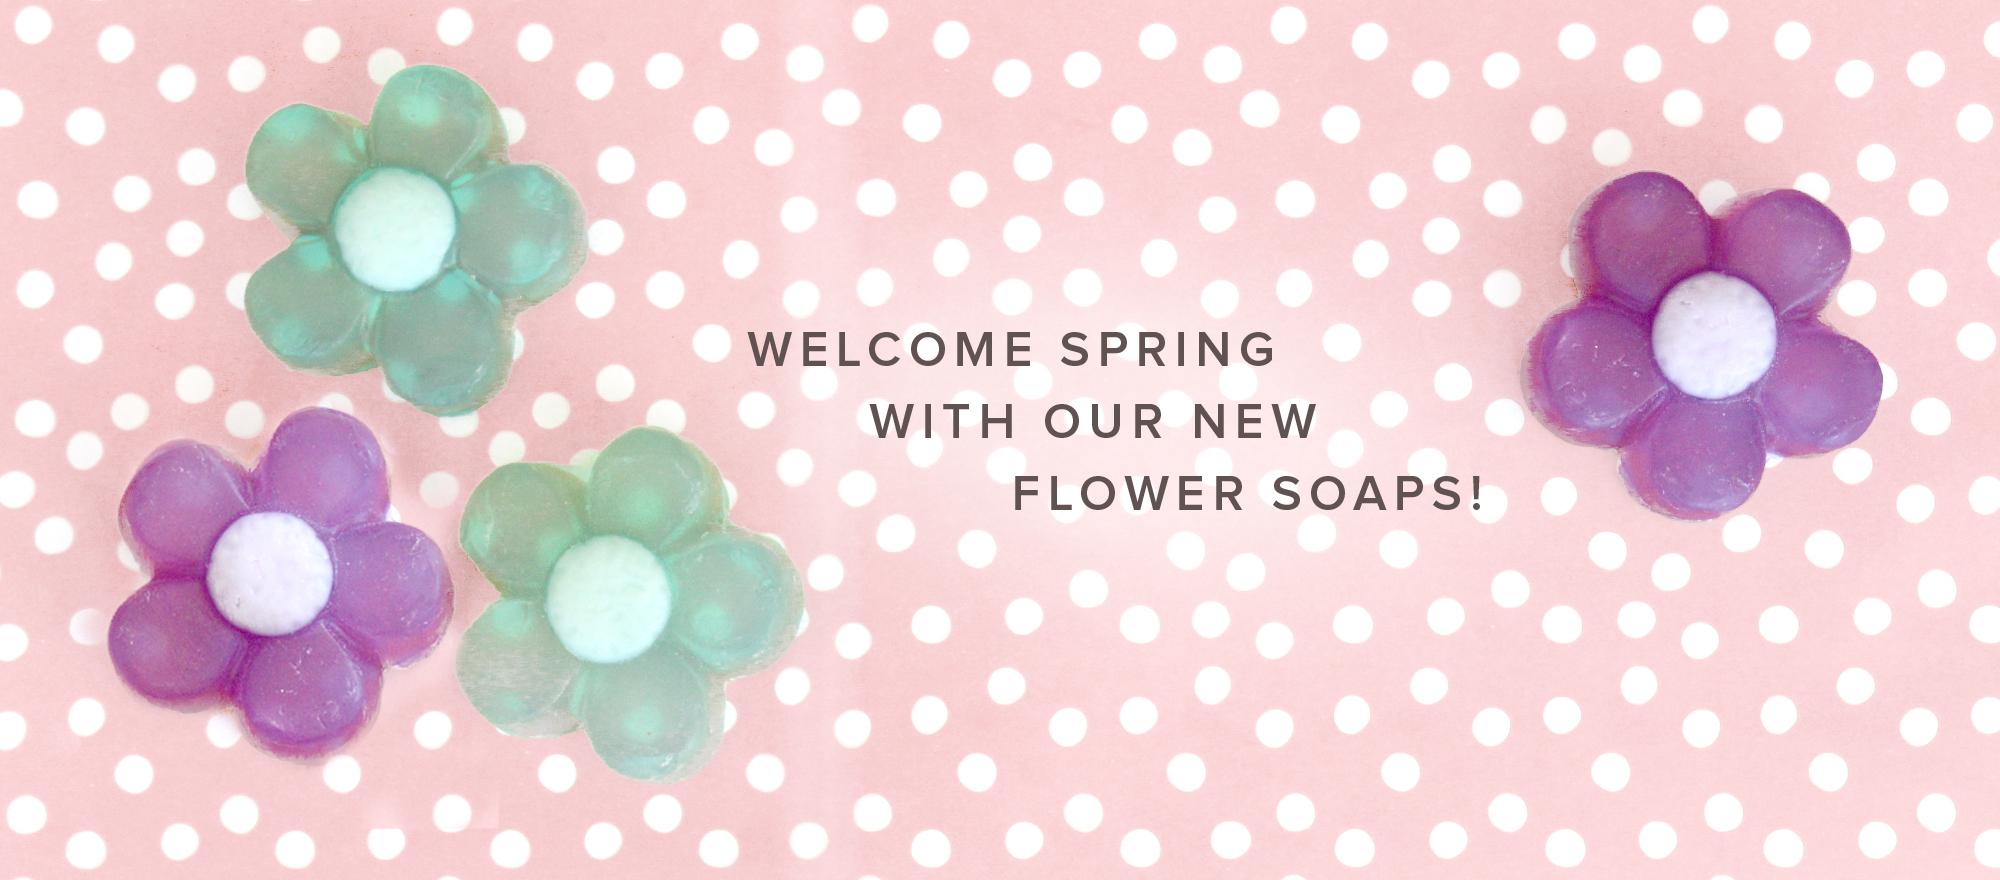 Flower Soaps